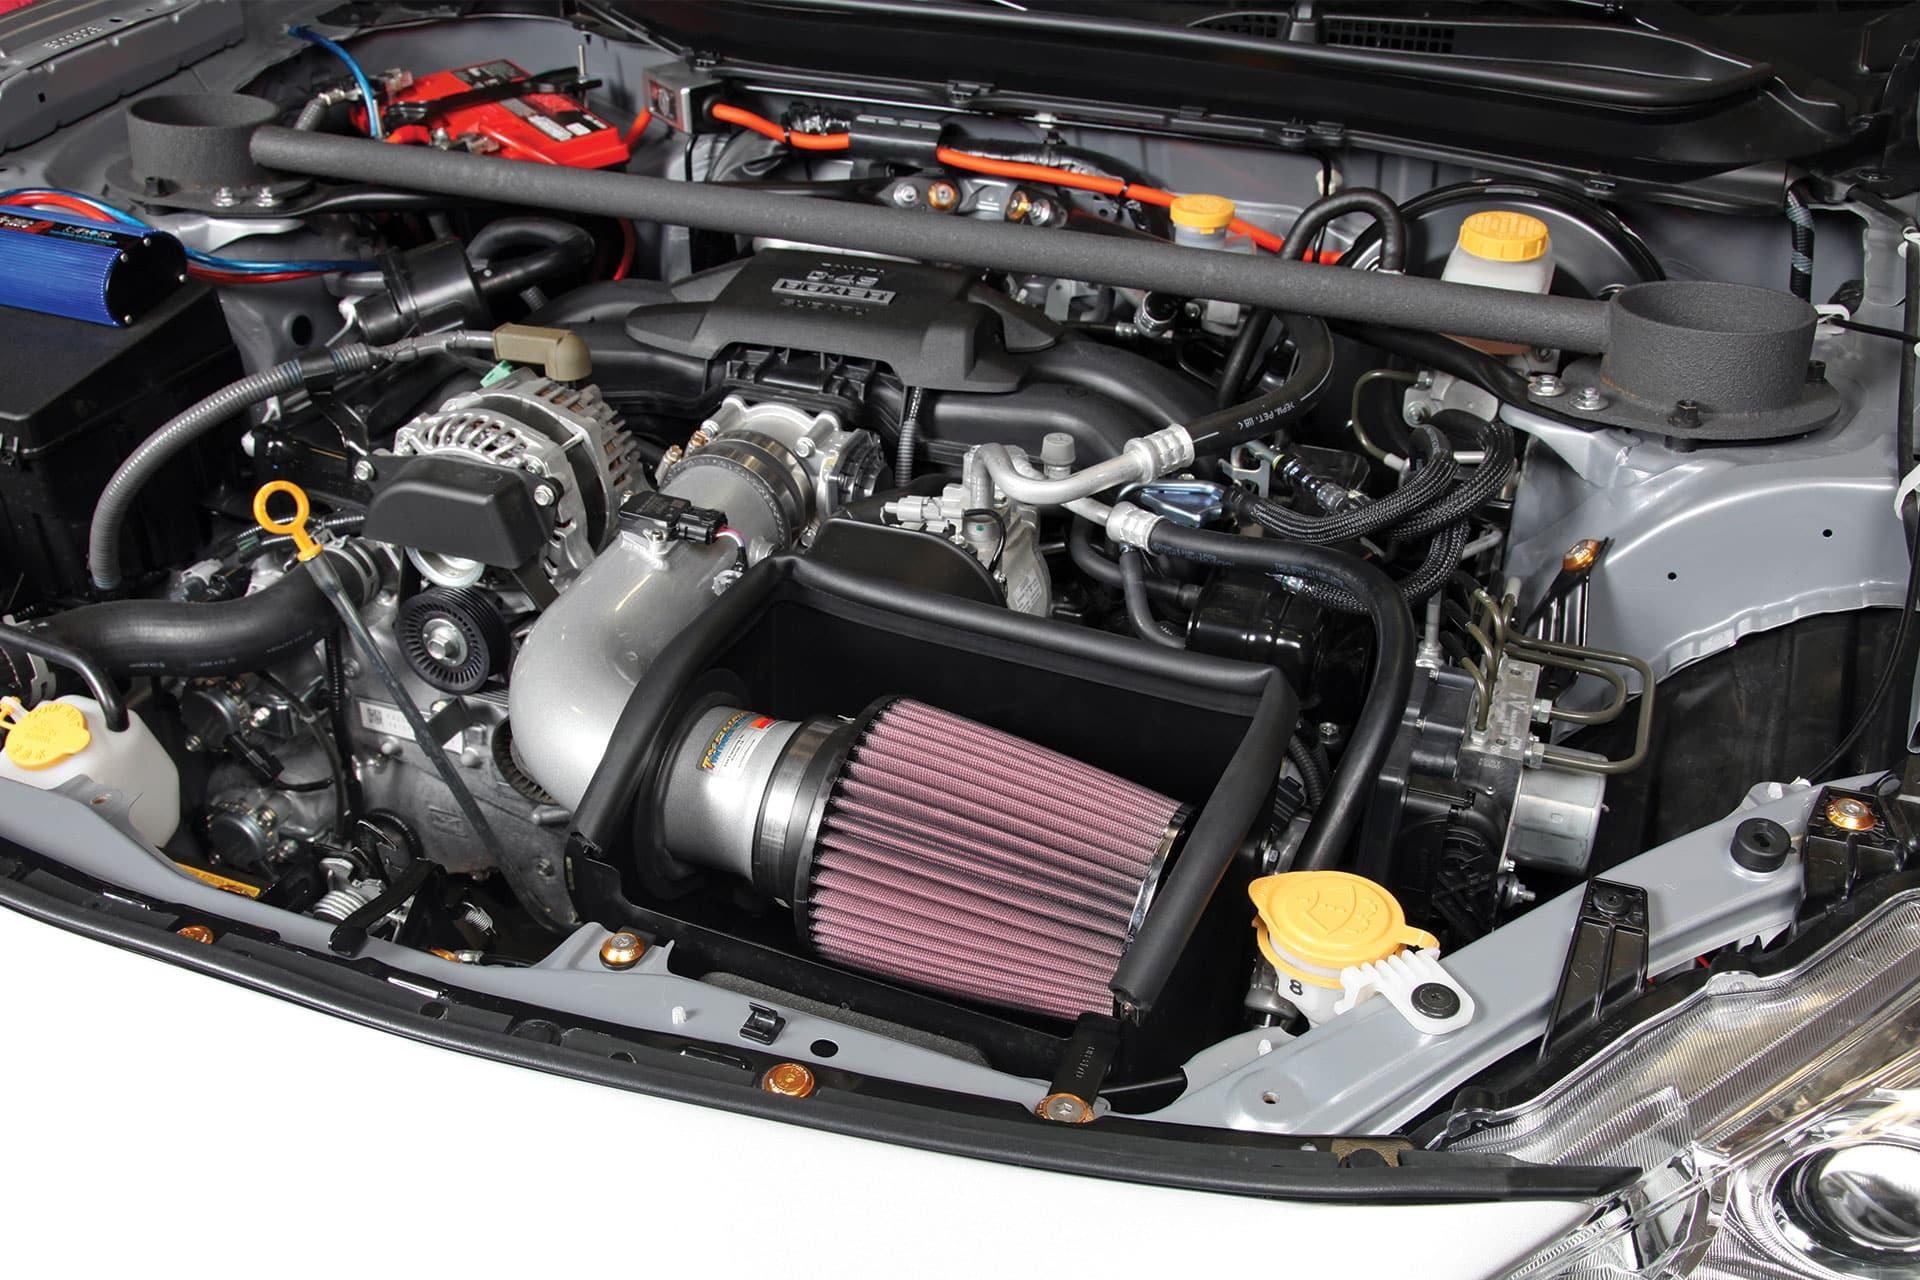 Intake Ottawa Upgrade Cold-Air Short-Ram k&n AEM